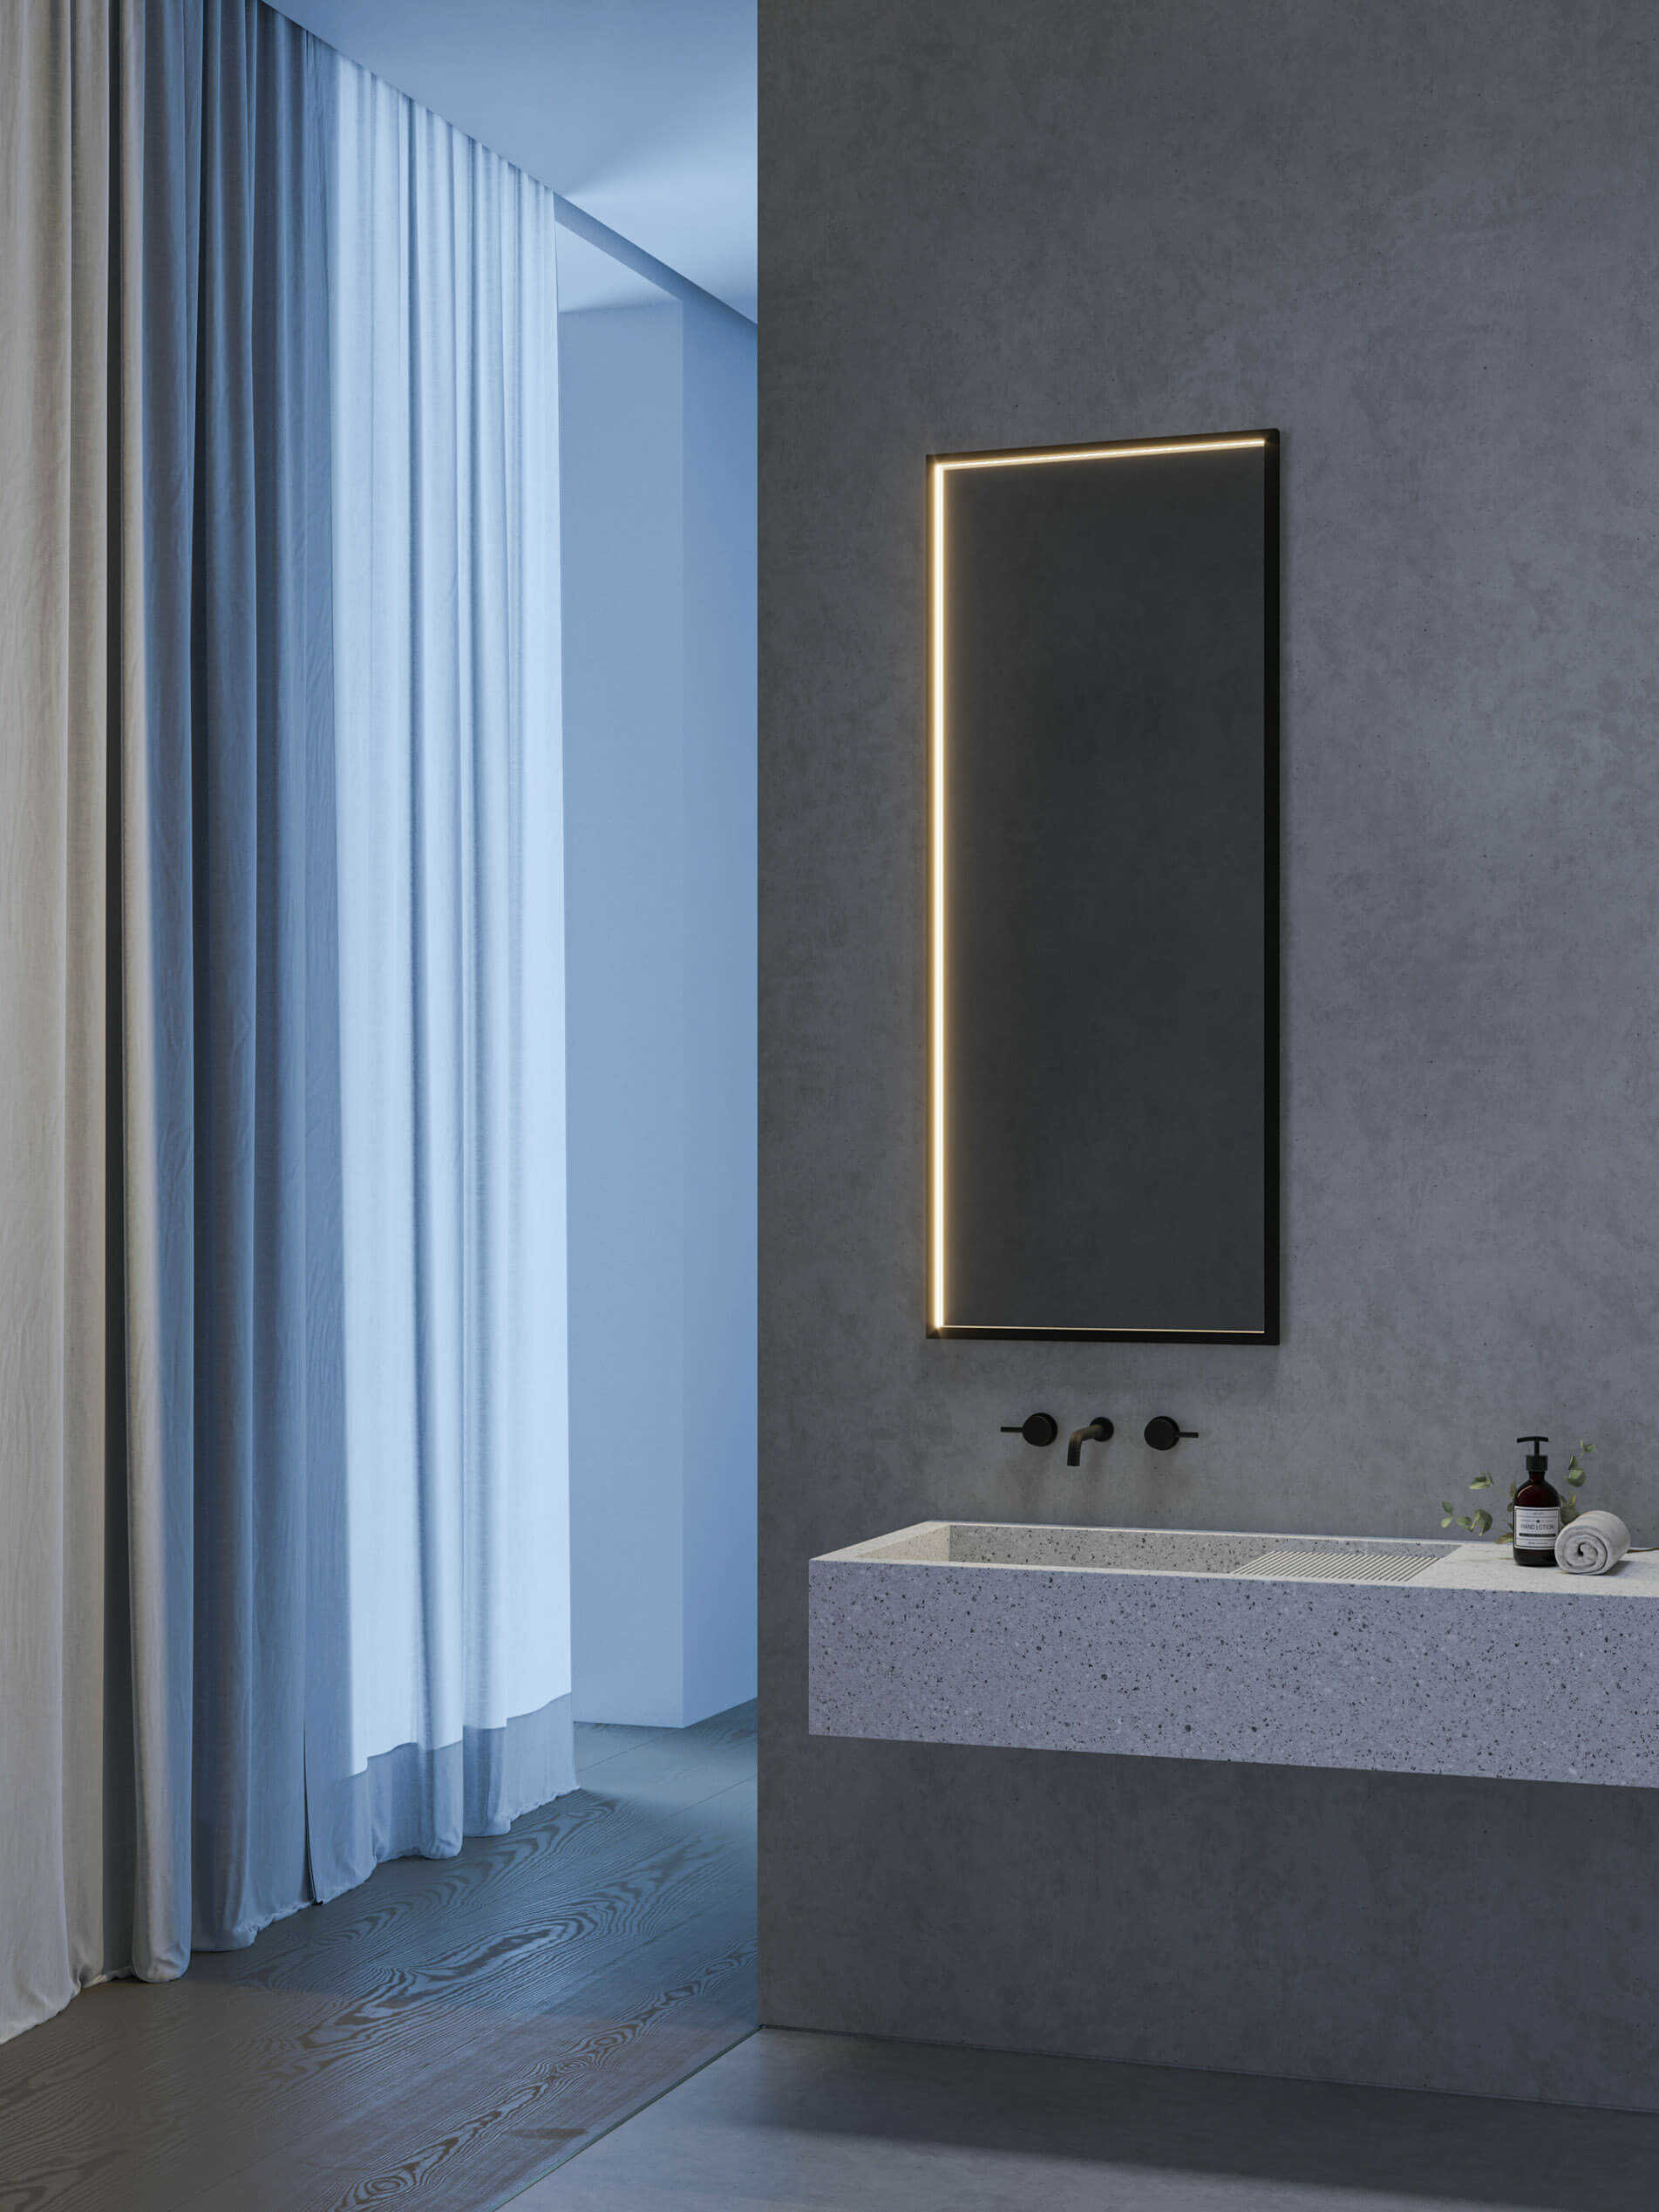 Firkantet Futon Mirror fra Intra Lighting på badet